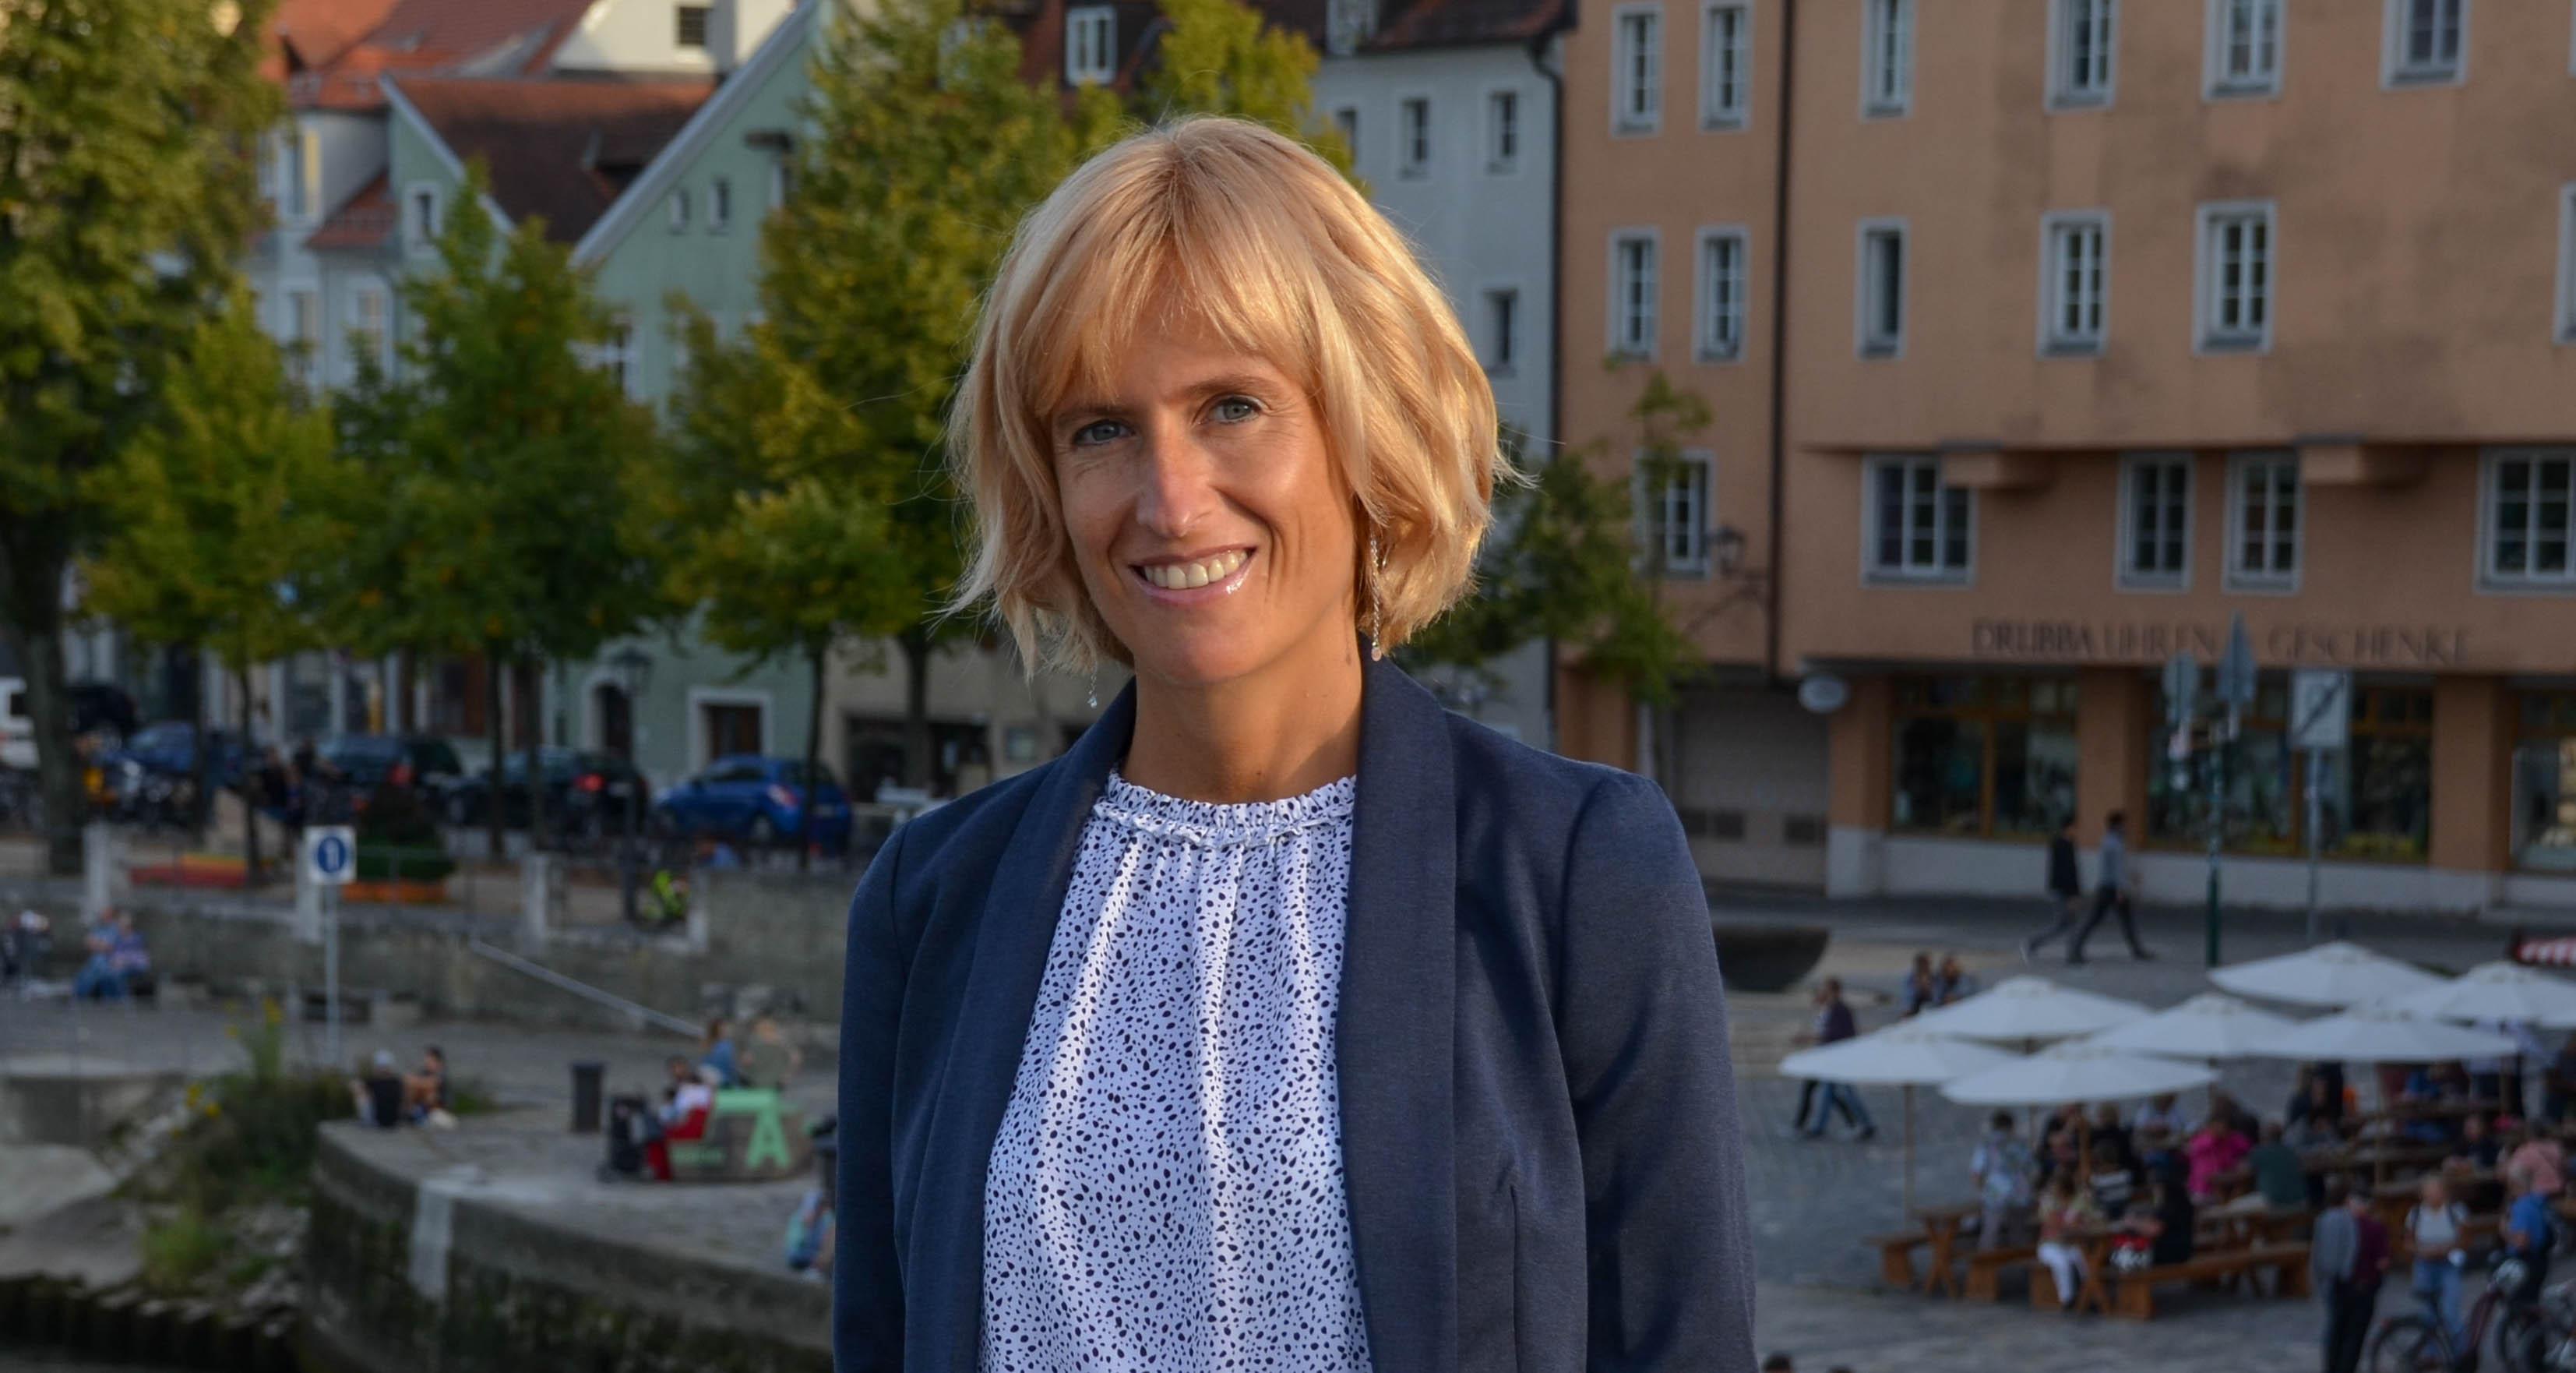 Profilbild von Clarissa Kuhr aus Regensburg